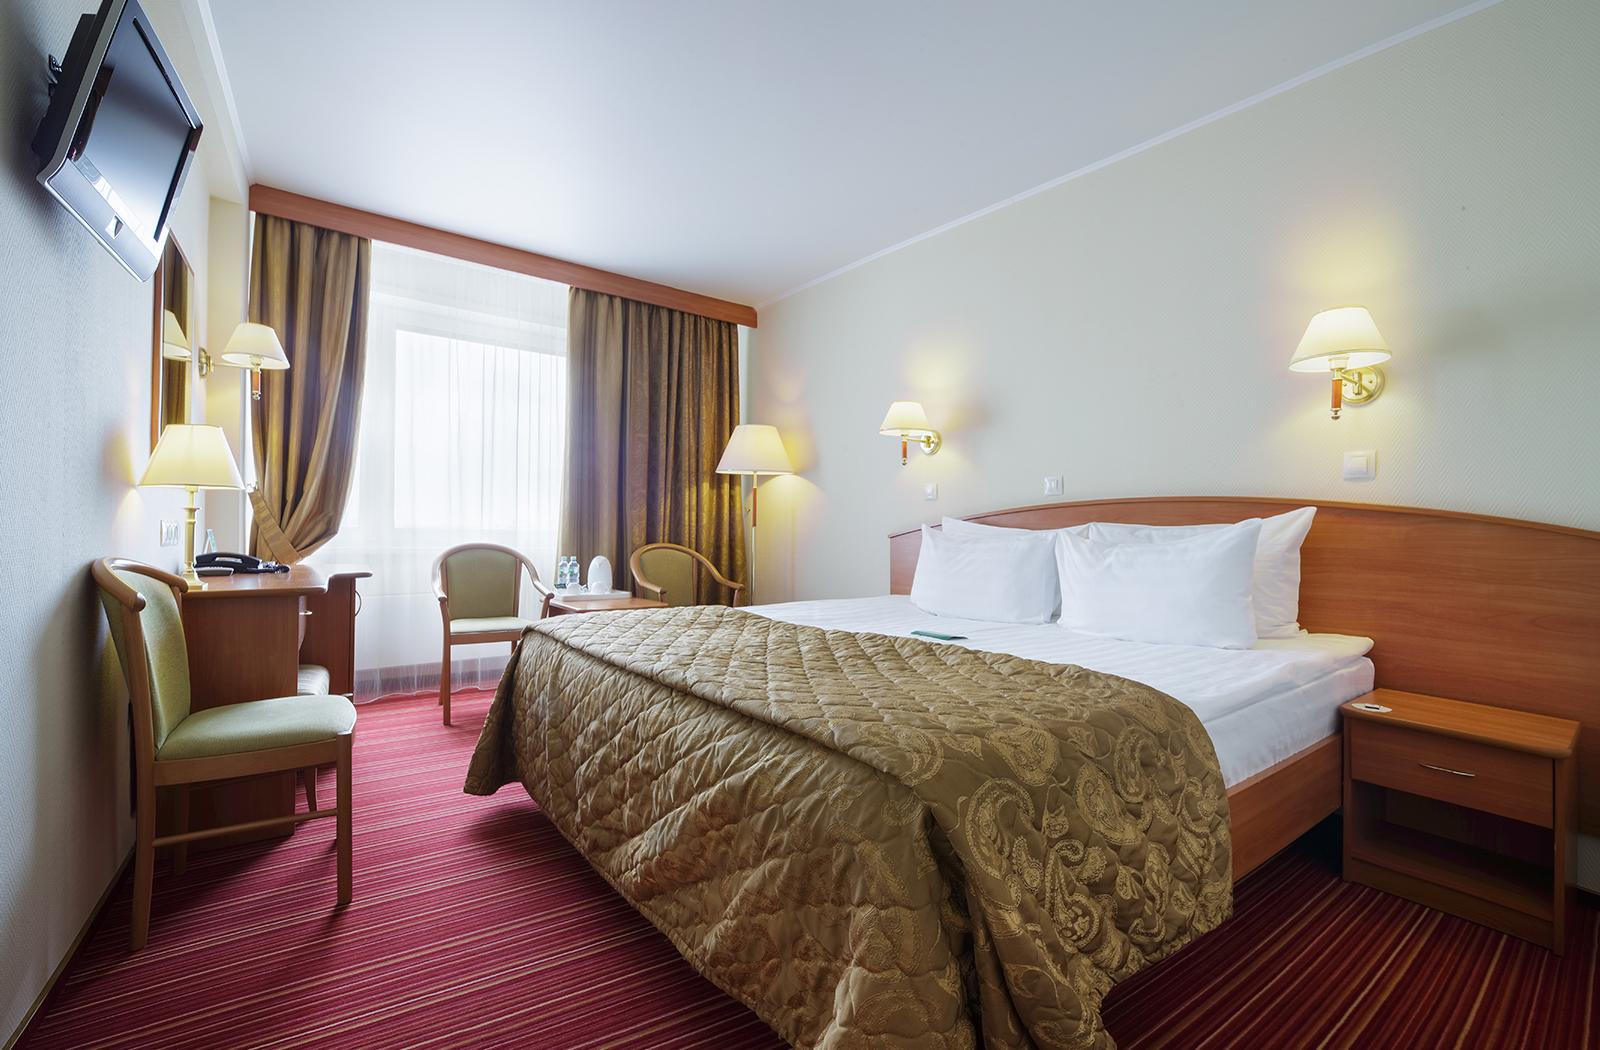 Комфортный делюкс с большой двухместной кроватью в гостинице Вега